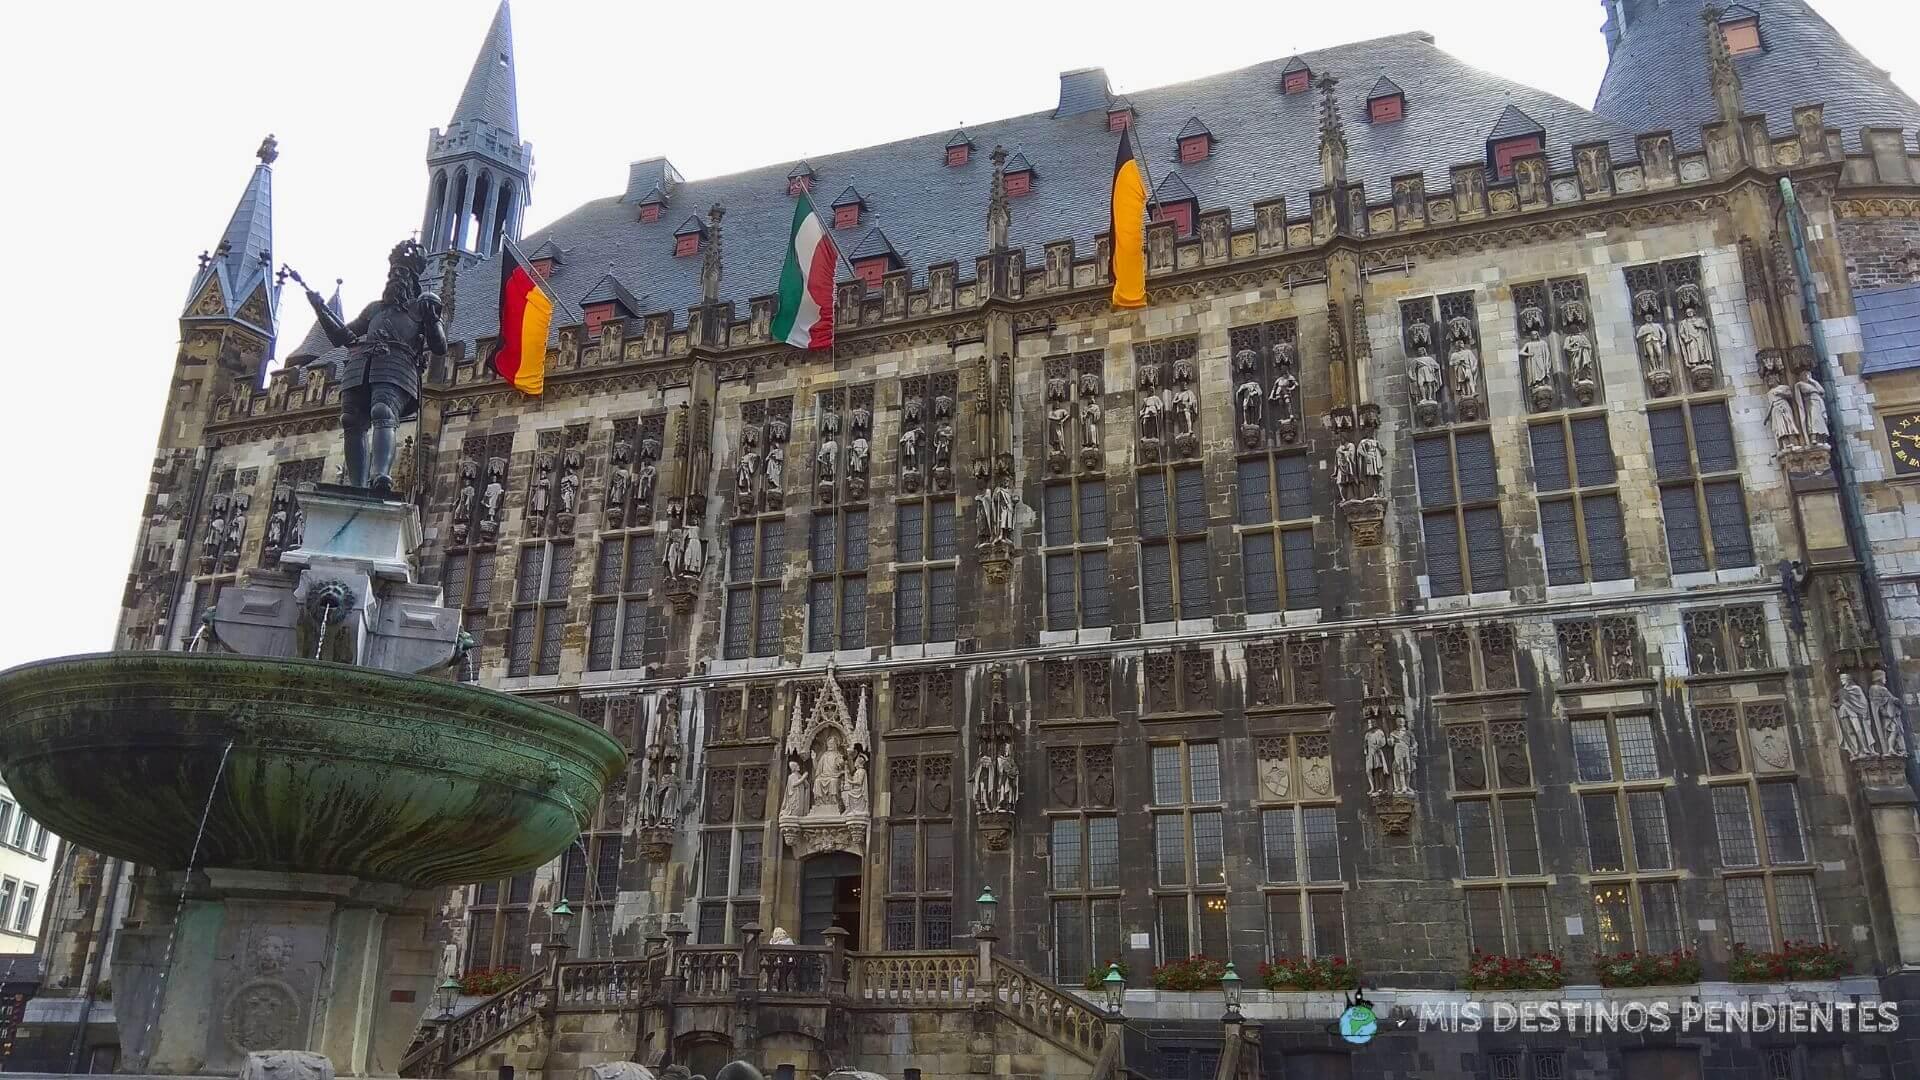 Ayuntamiento (Aquisgrán, Alemania)